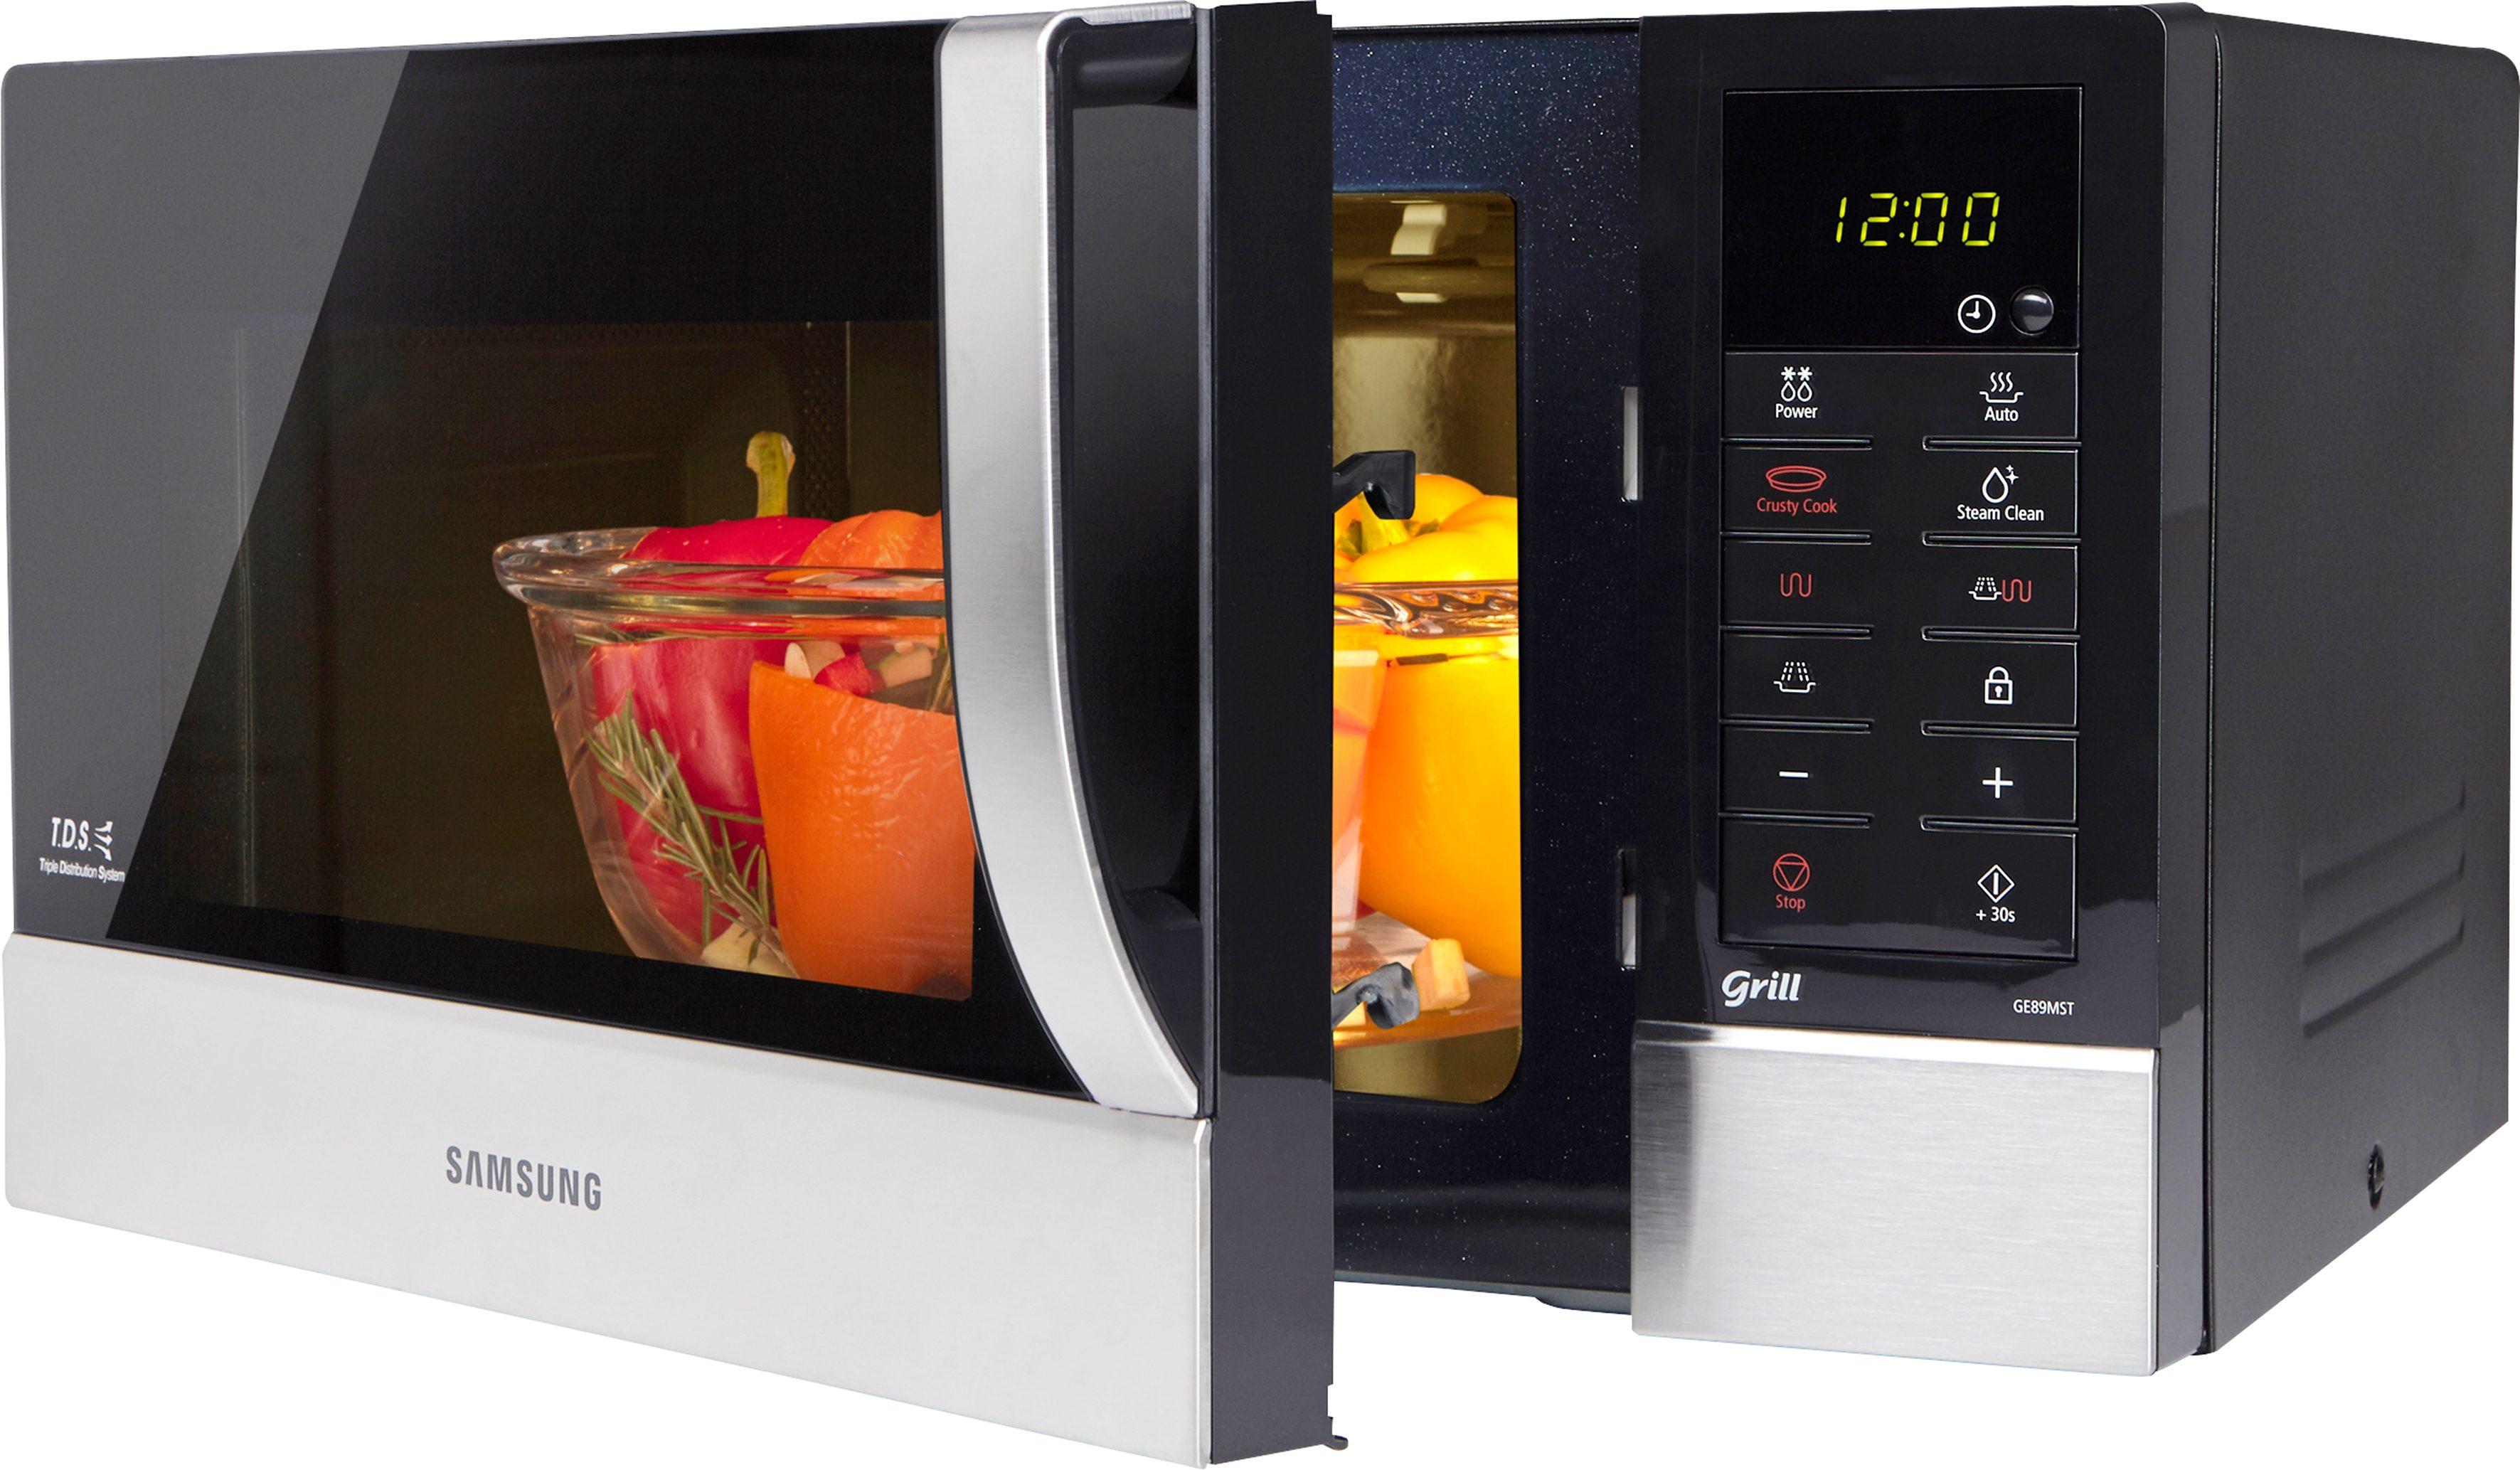 Samsung Mikrowelle GE89MST-1, mit Grill, 23 Liter Garraum, 800 Watt